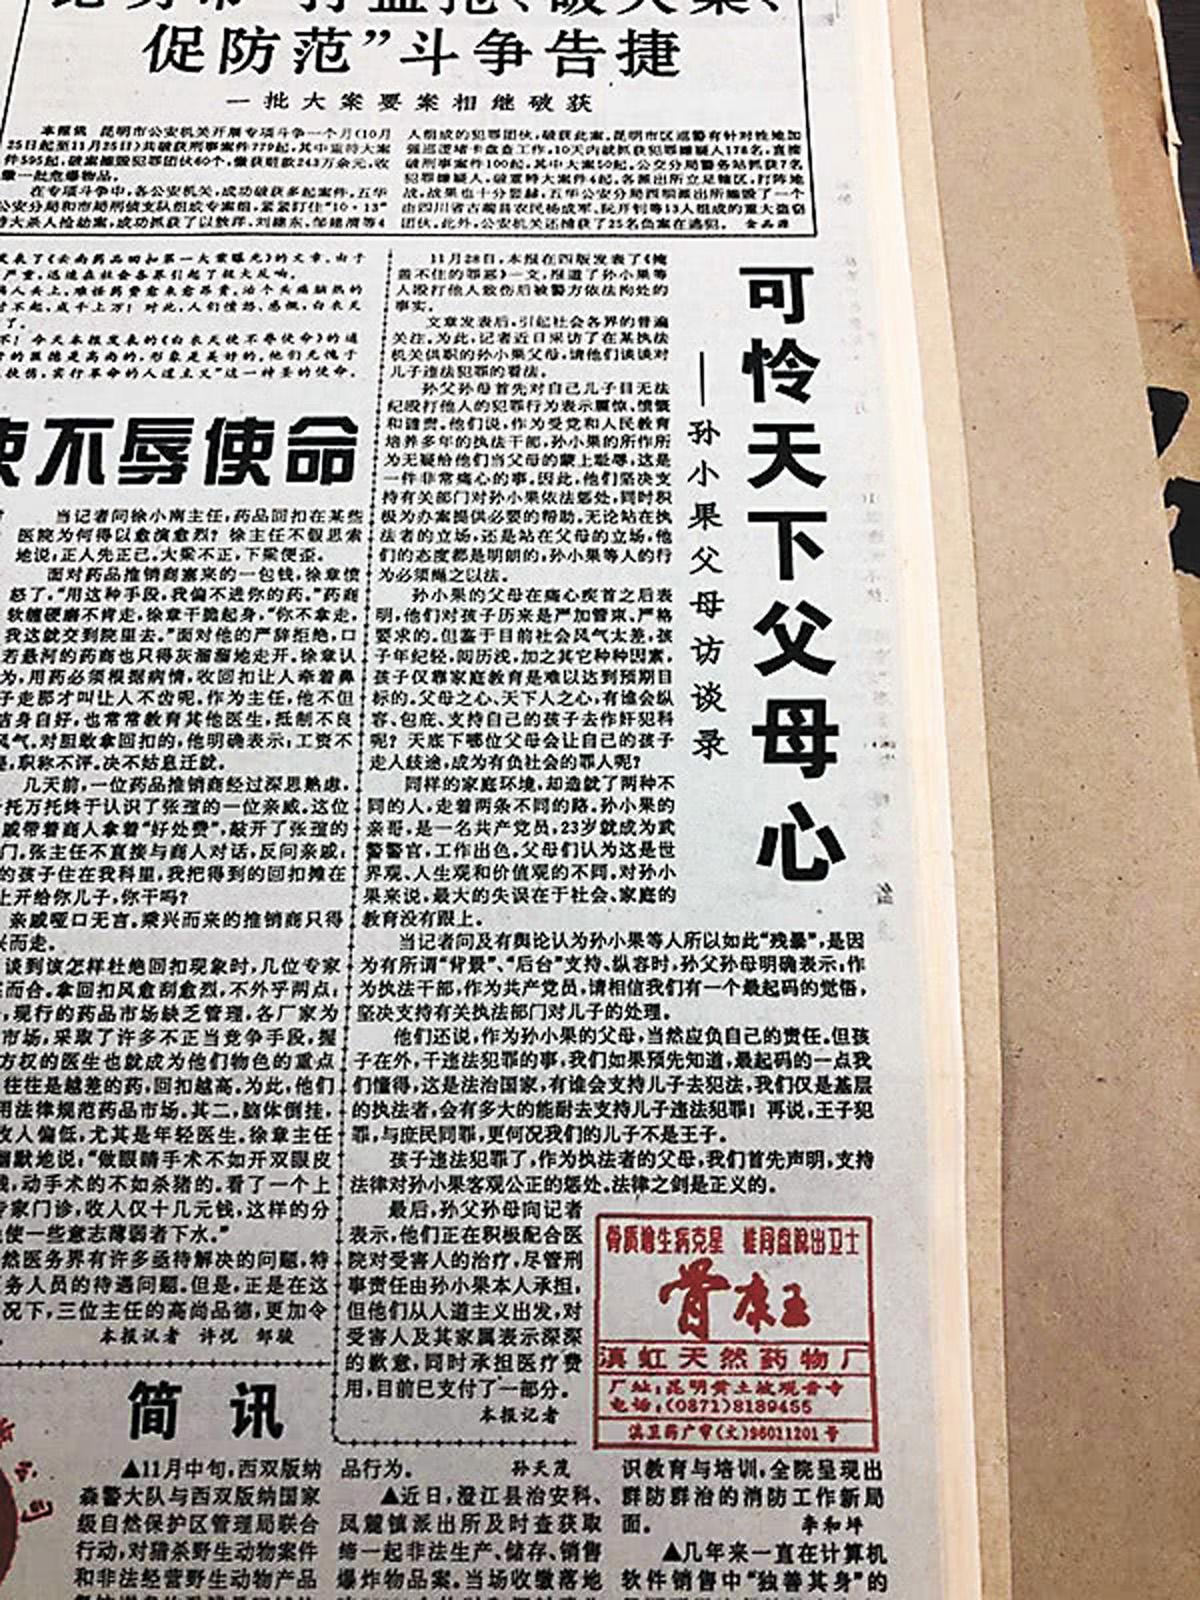 雲南媒體曾在1997年刊文報道孫小果父母的說法,但其父母是誰仍是謎。網上圖片